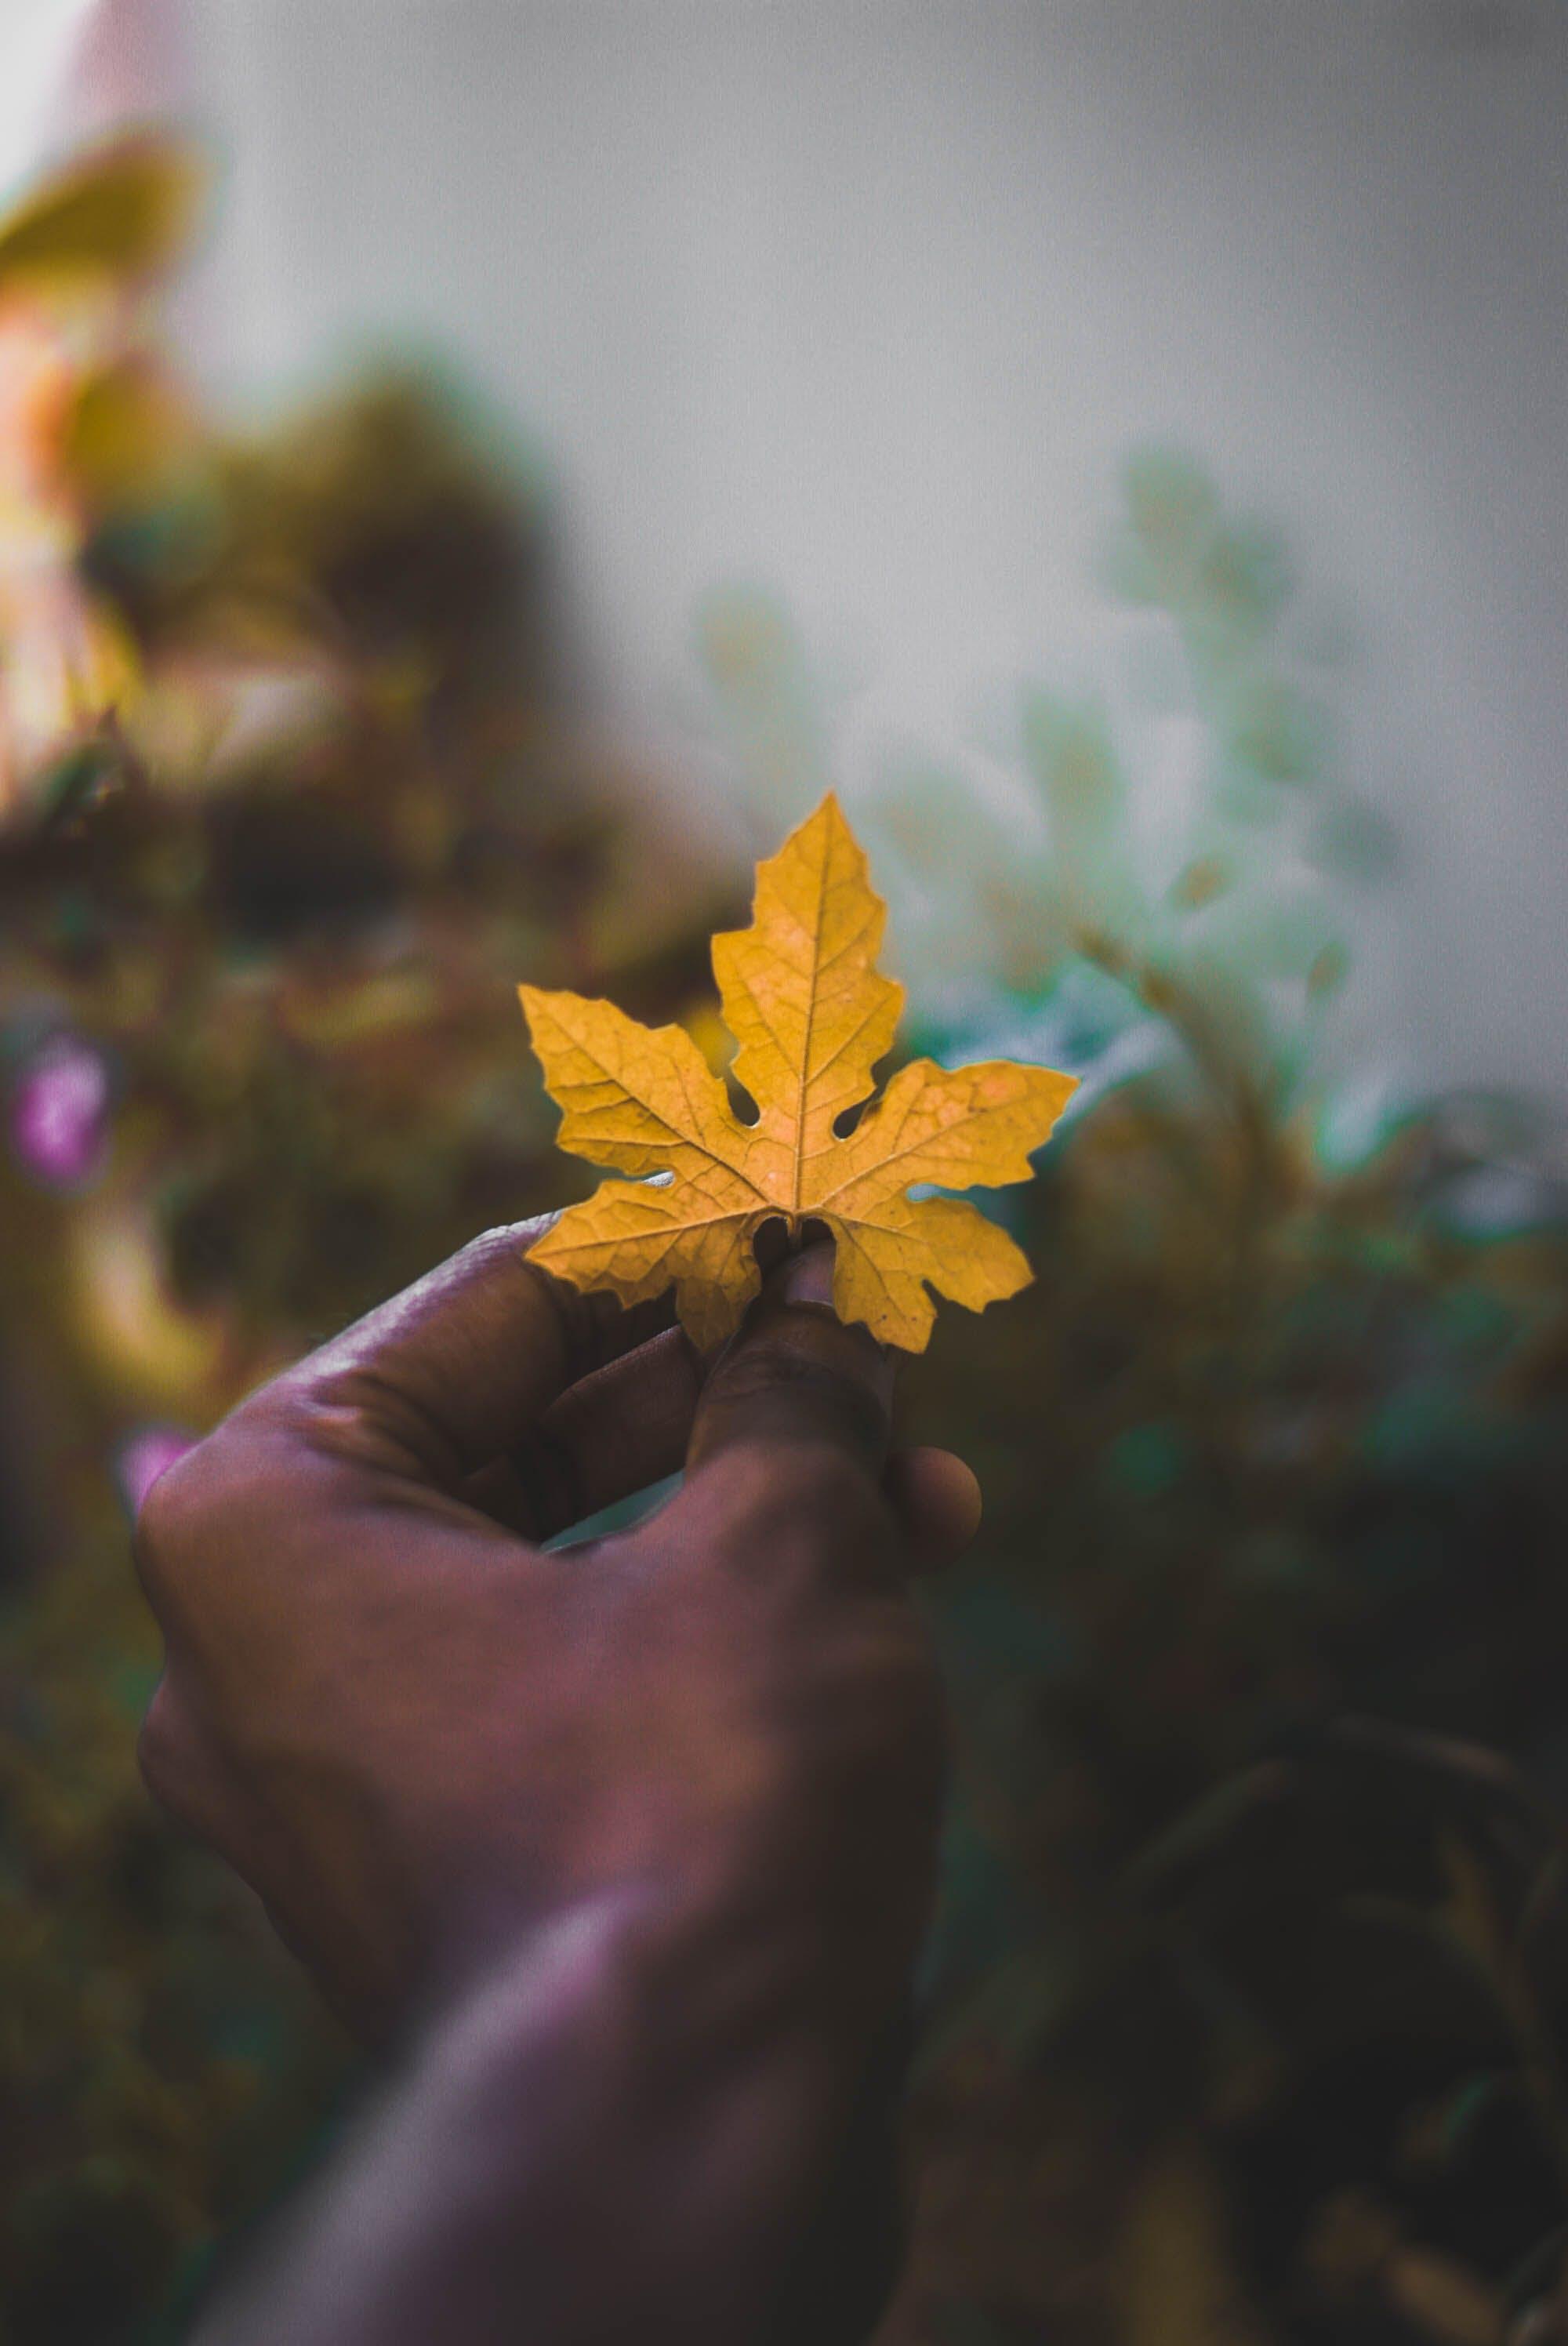 Free stock photo of autumn leaves, autumn leaf, natue